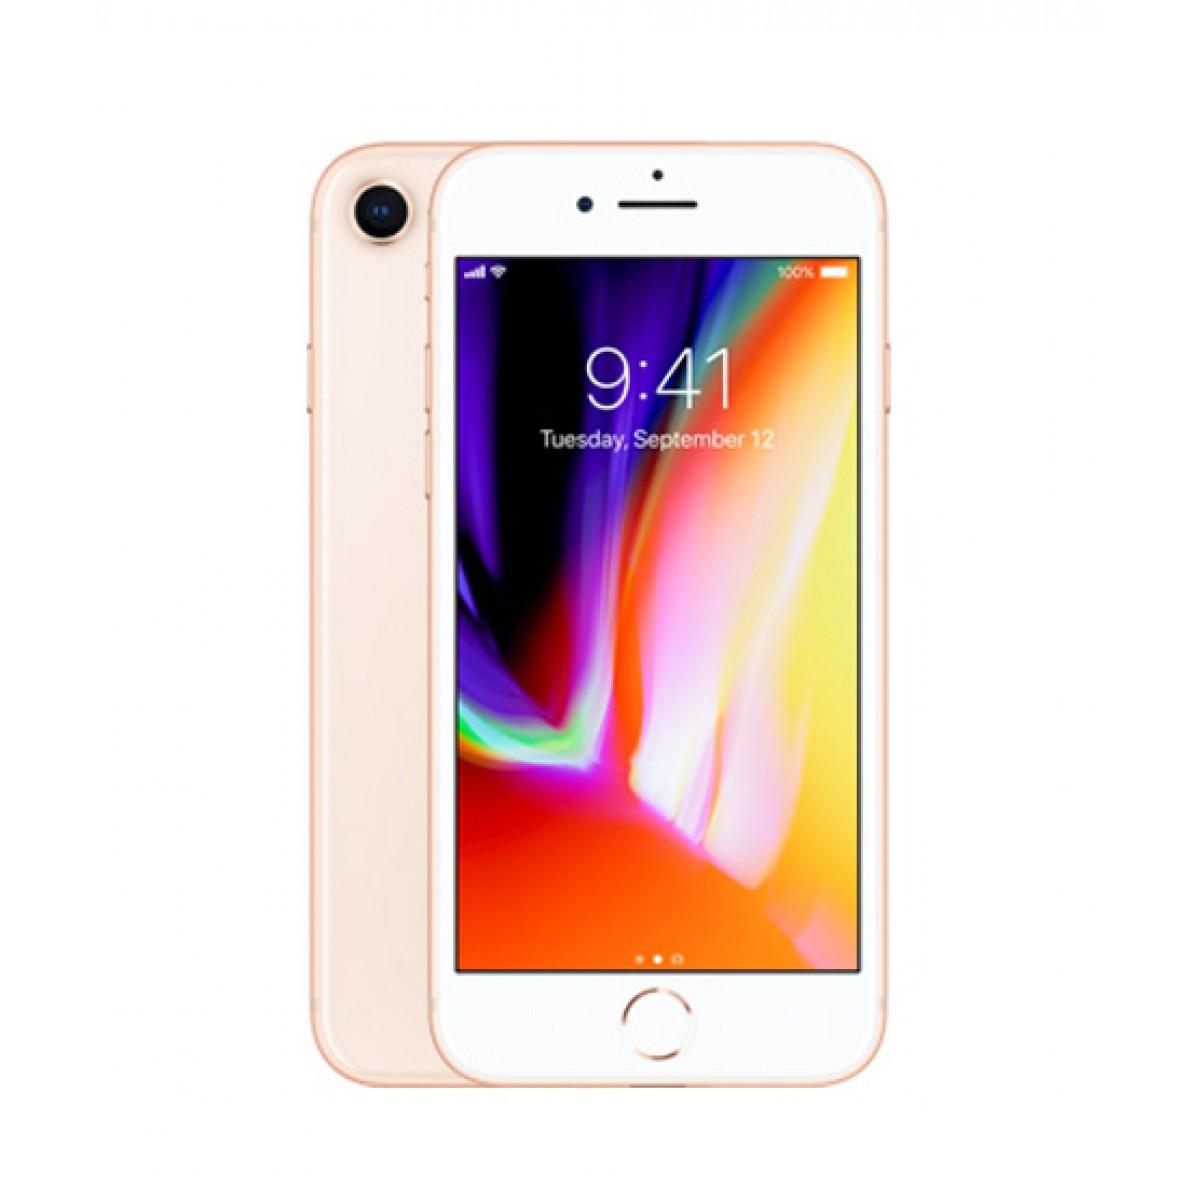 گوشی-موبایل-اپل-آیفون-ایت-Apple-iPhone-8........jpg